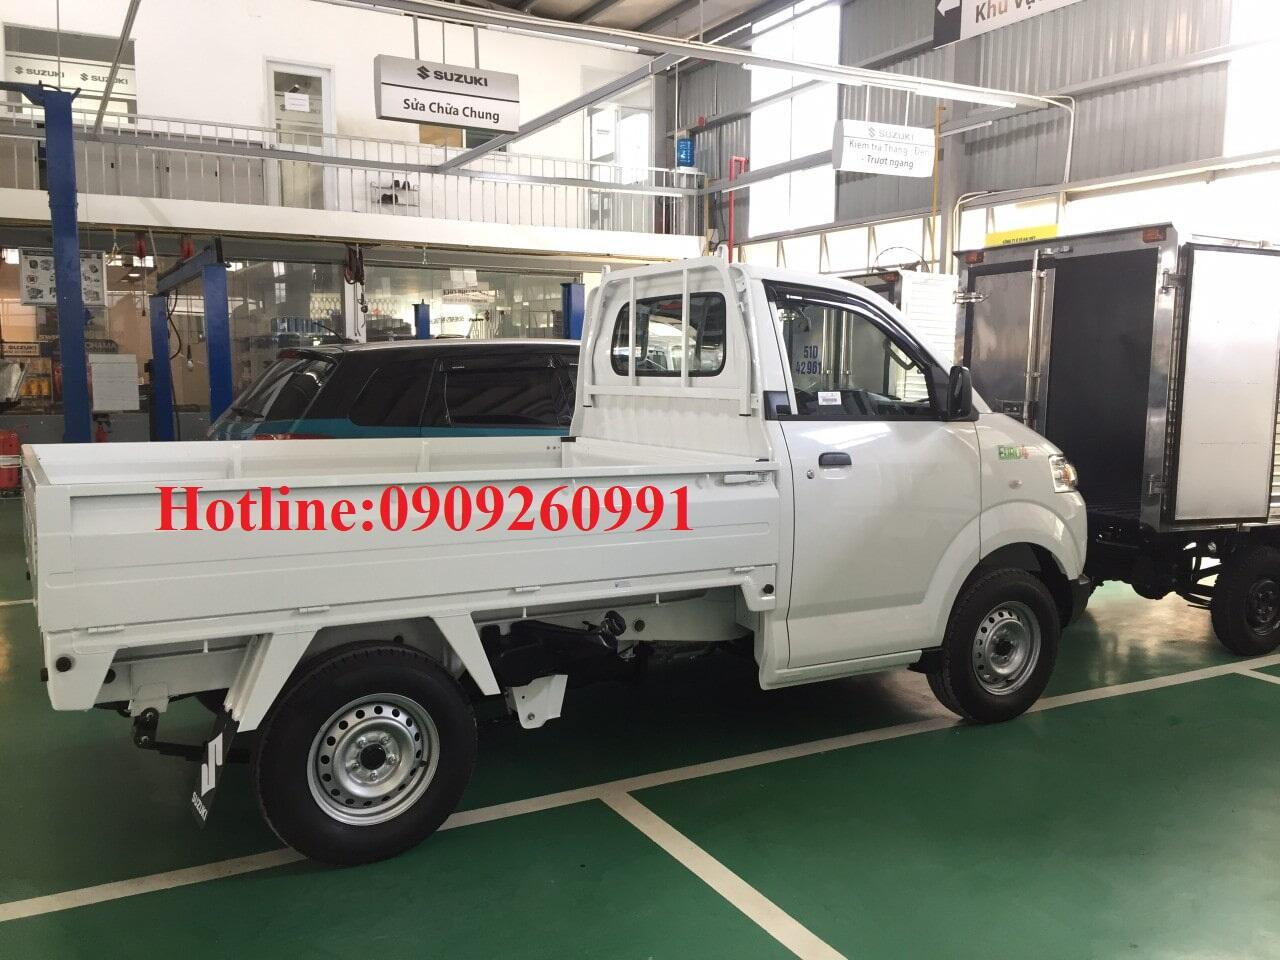 Suzuki Carry Pro 705kg